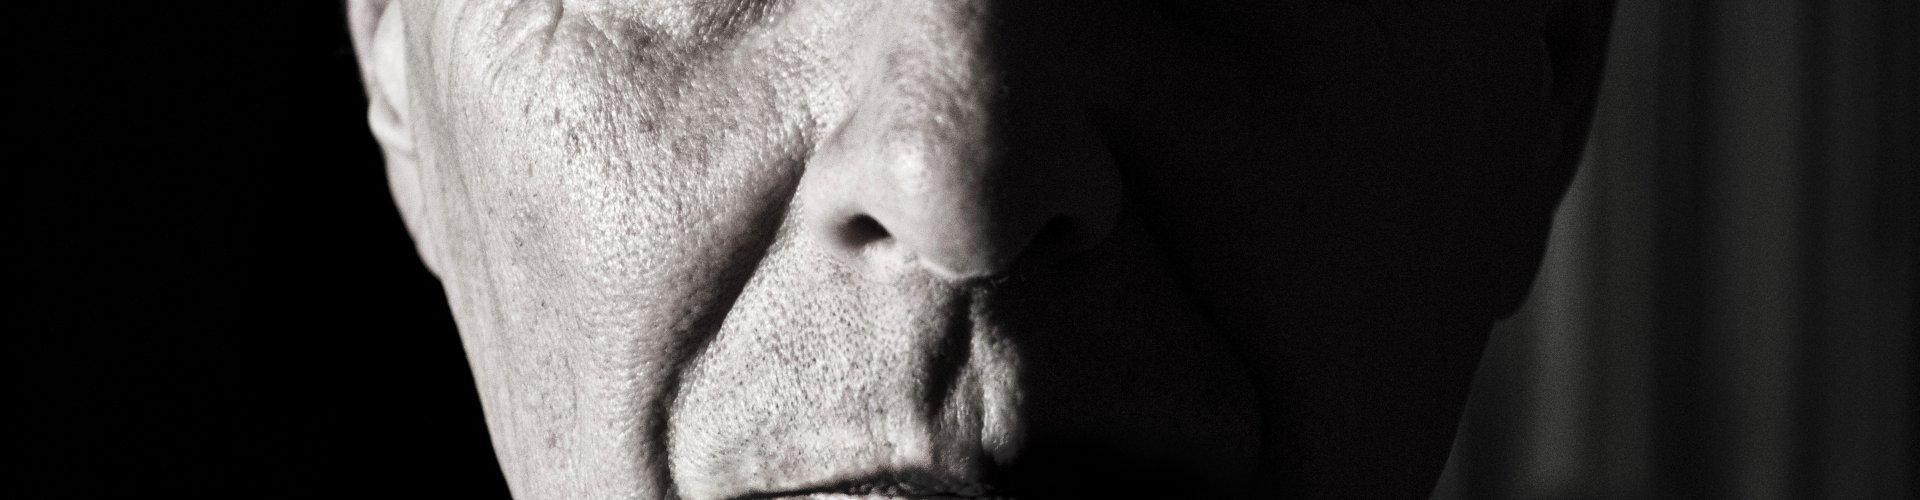 Aktywny Senior - bezpiecznie poza domem | 3 noce i więcej